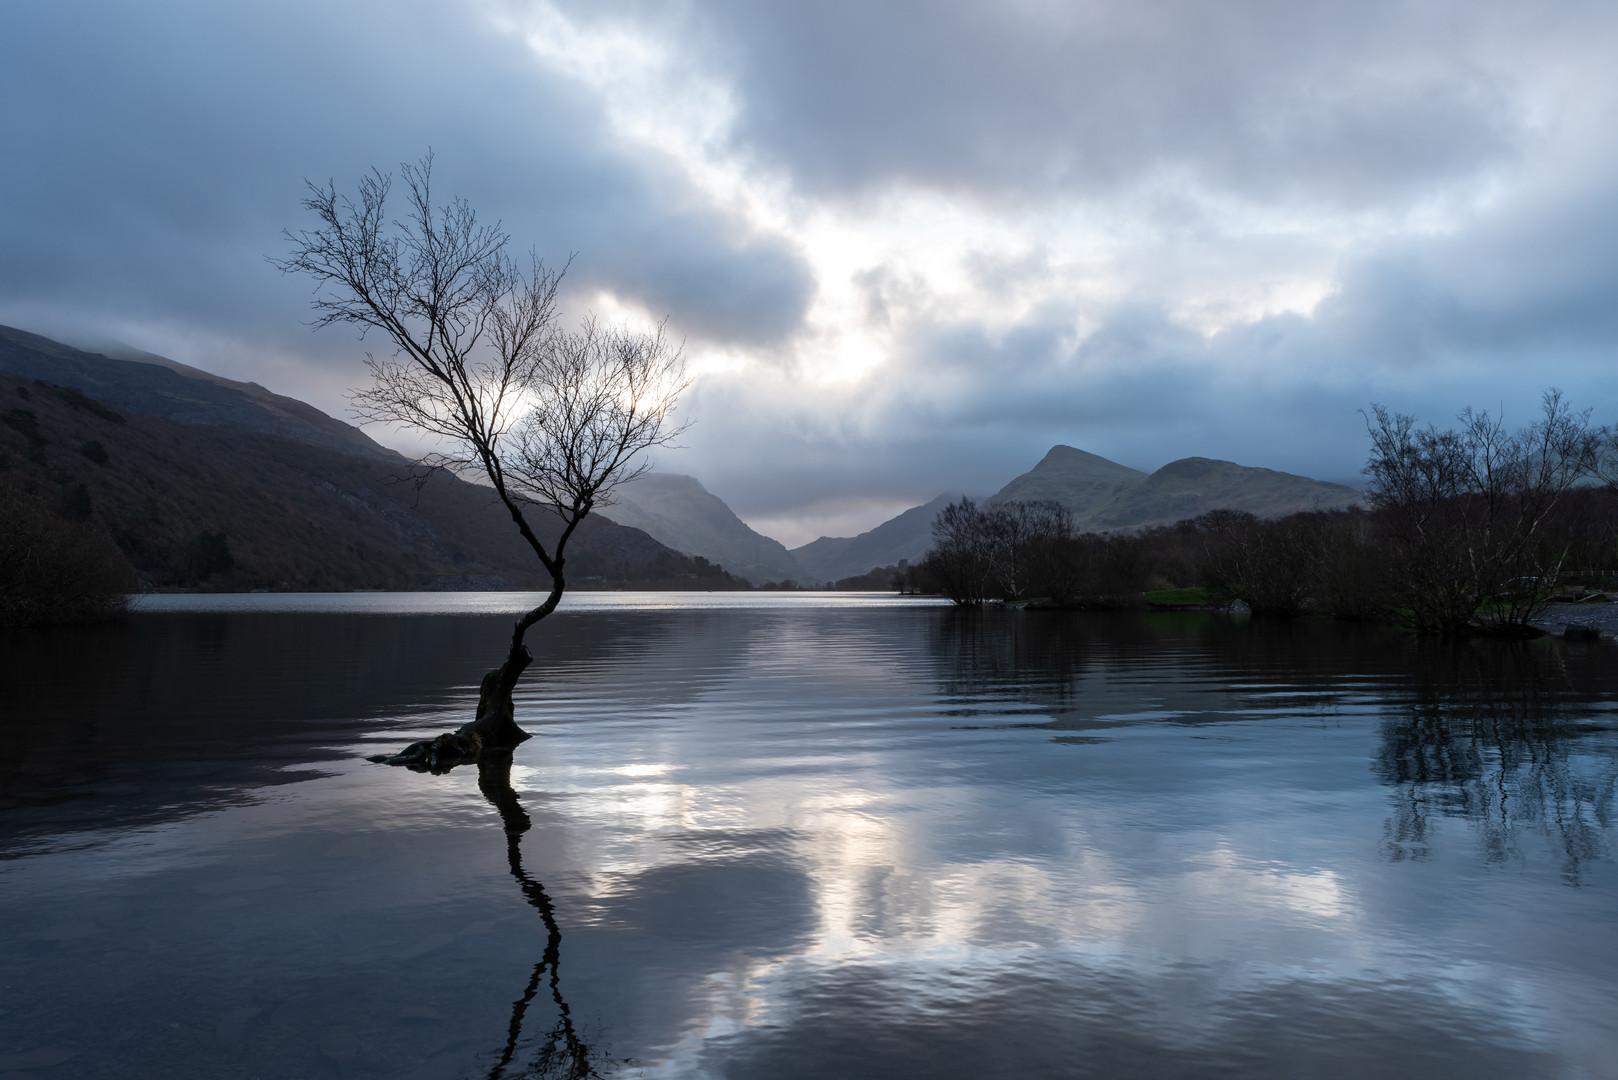 Famous Lone Tree of Llyn Padarn, Snowdonia, Wales